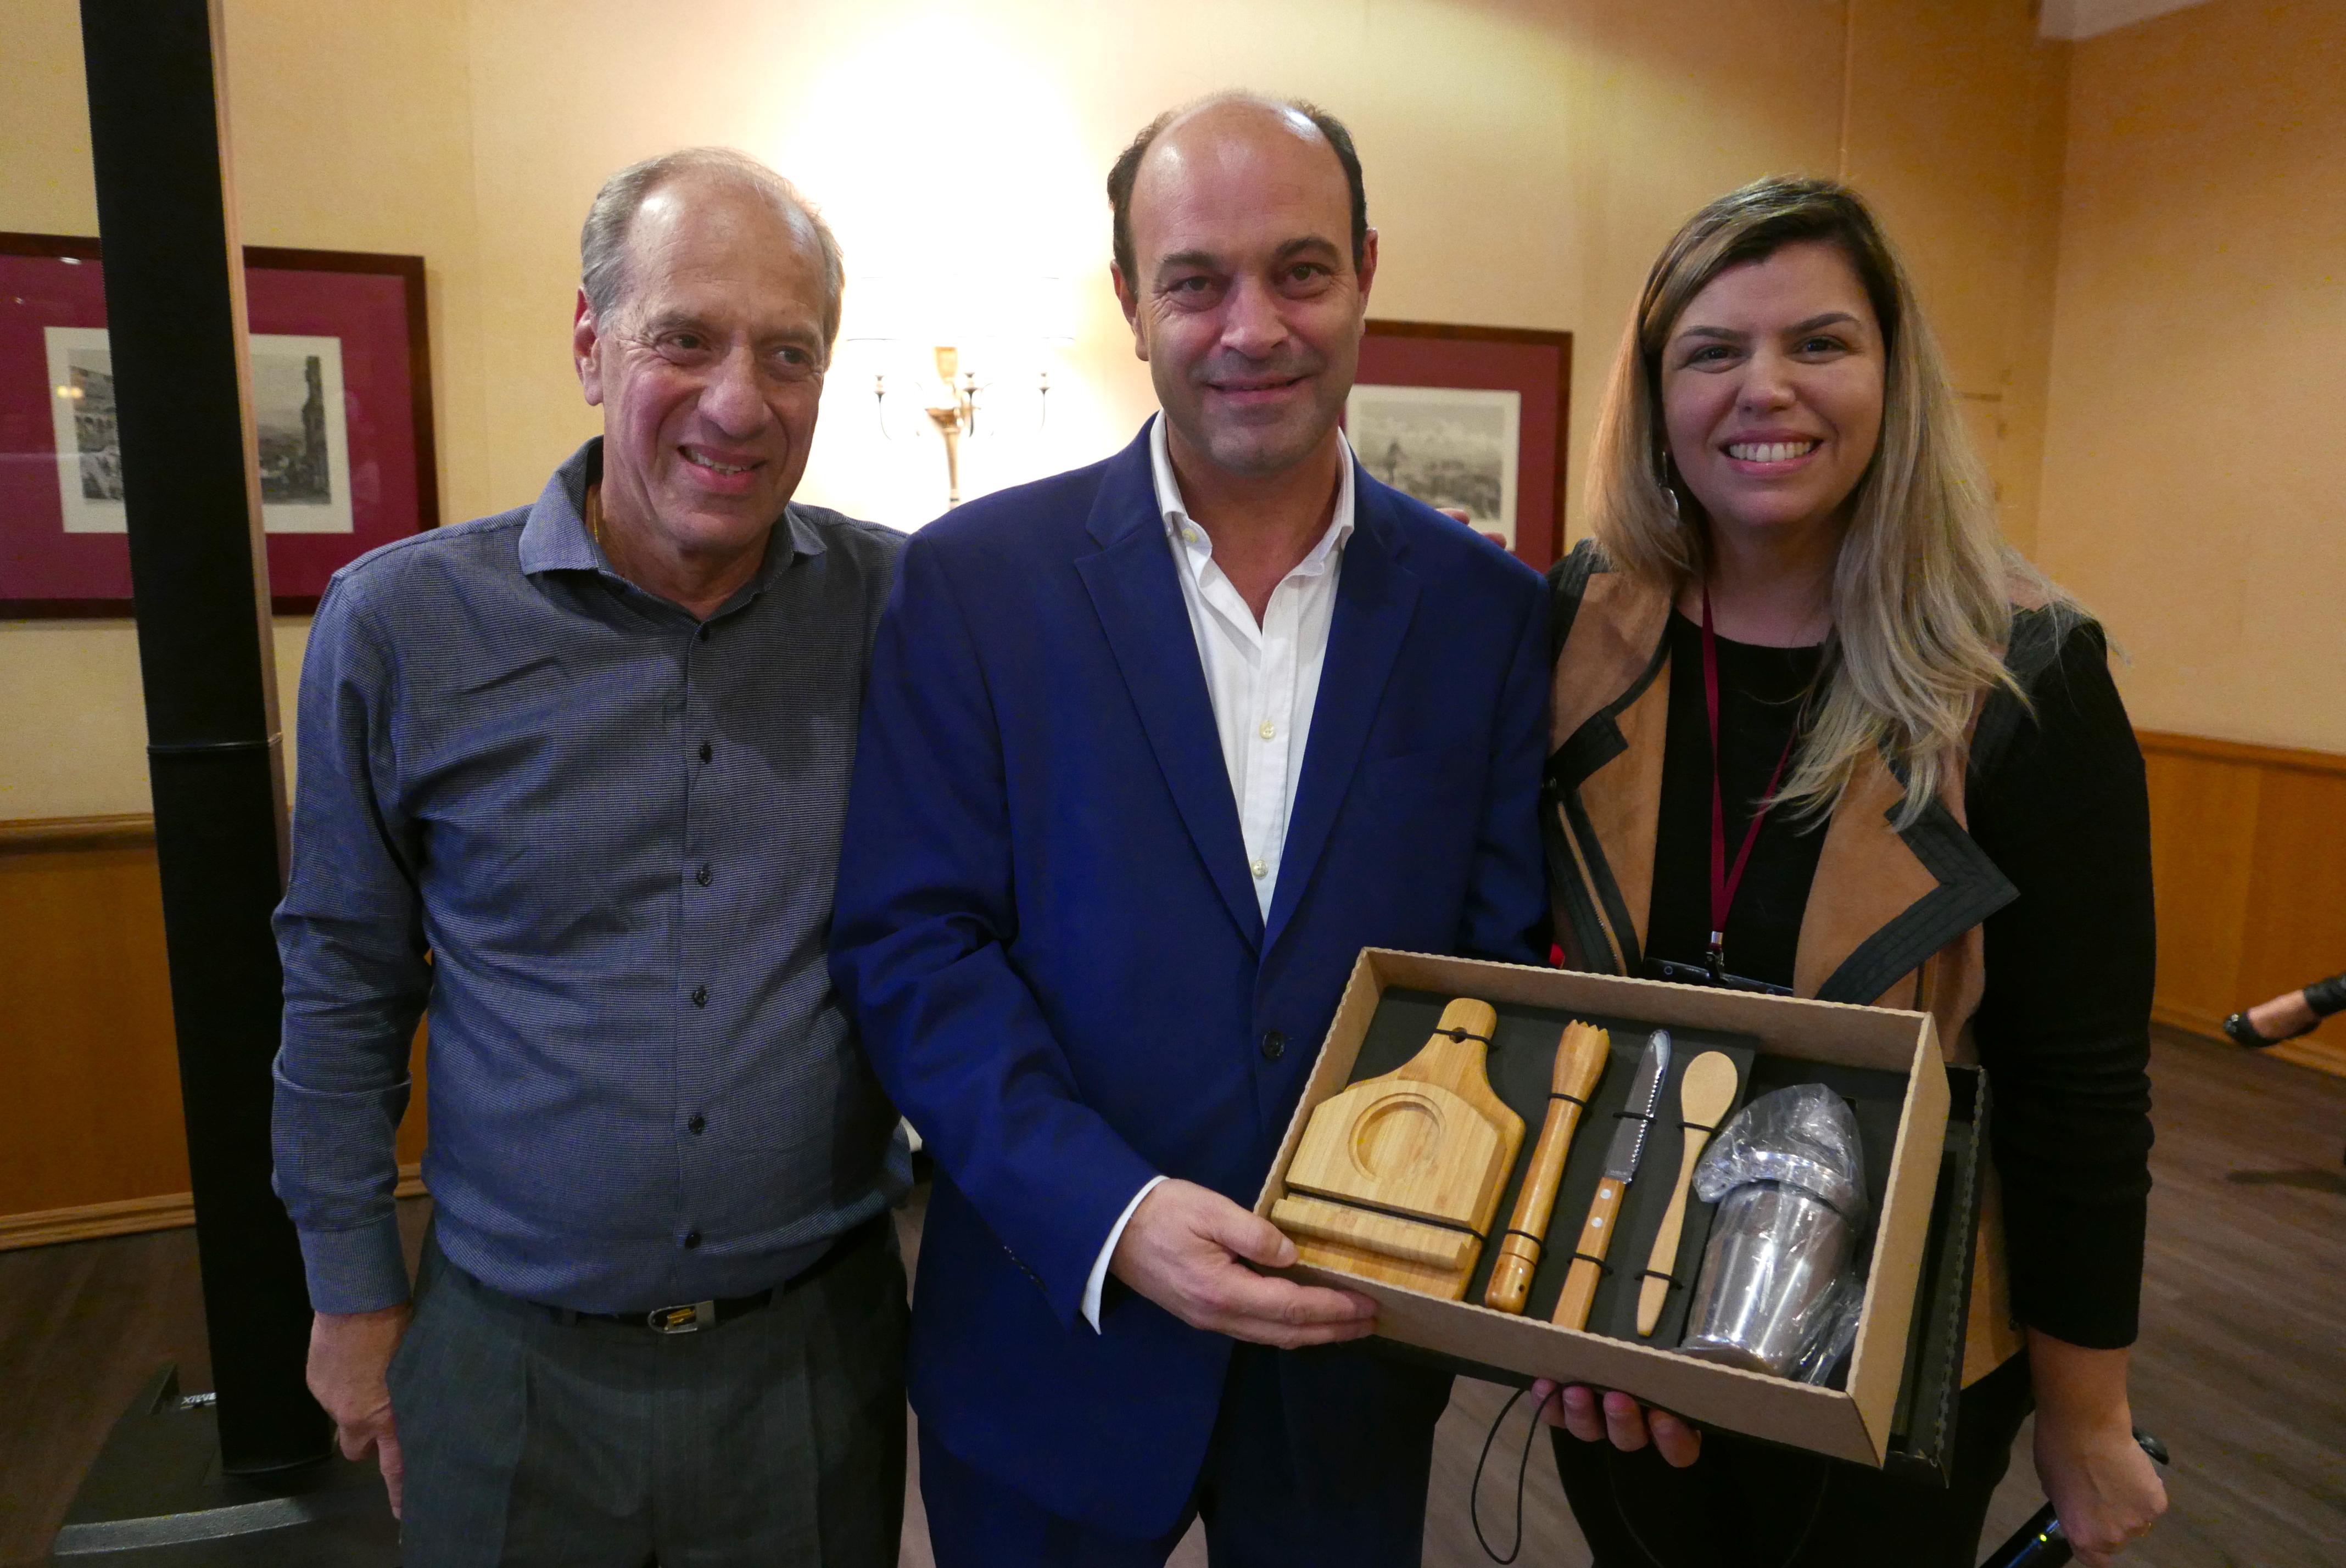 Arnaldo Franken e Mariana Azevedo, da MMTGapnet, entregam a Pedro Ribeiro, diretor do Dom Pedro Hotels & Golf Collection um presente de agradecimento pela hospitalidade